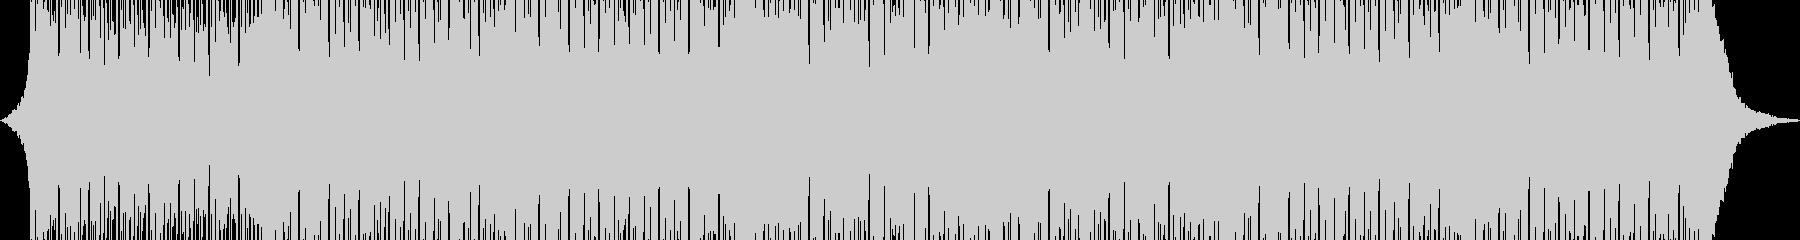 コーポレート アクティブ 明るい ...の未再生の波形